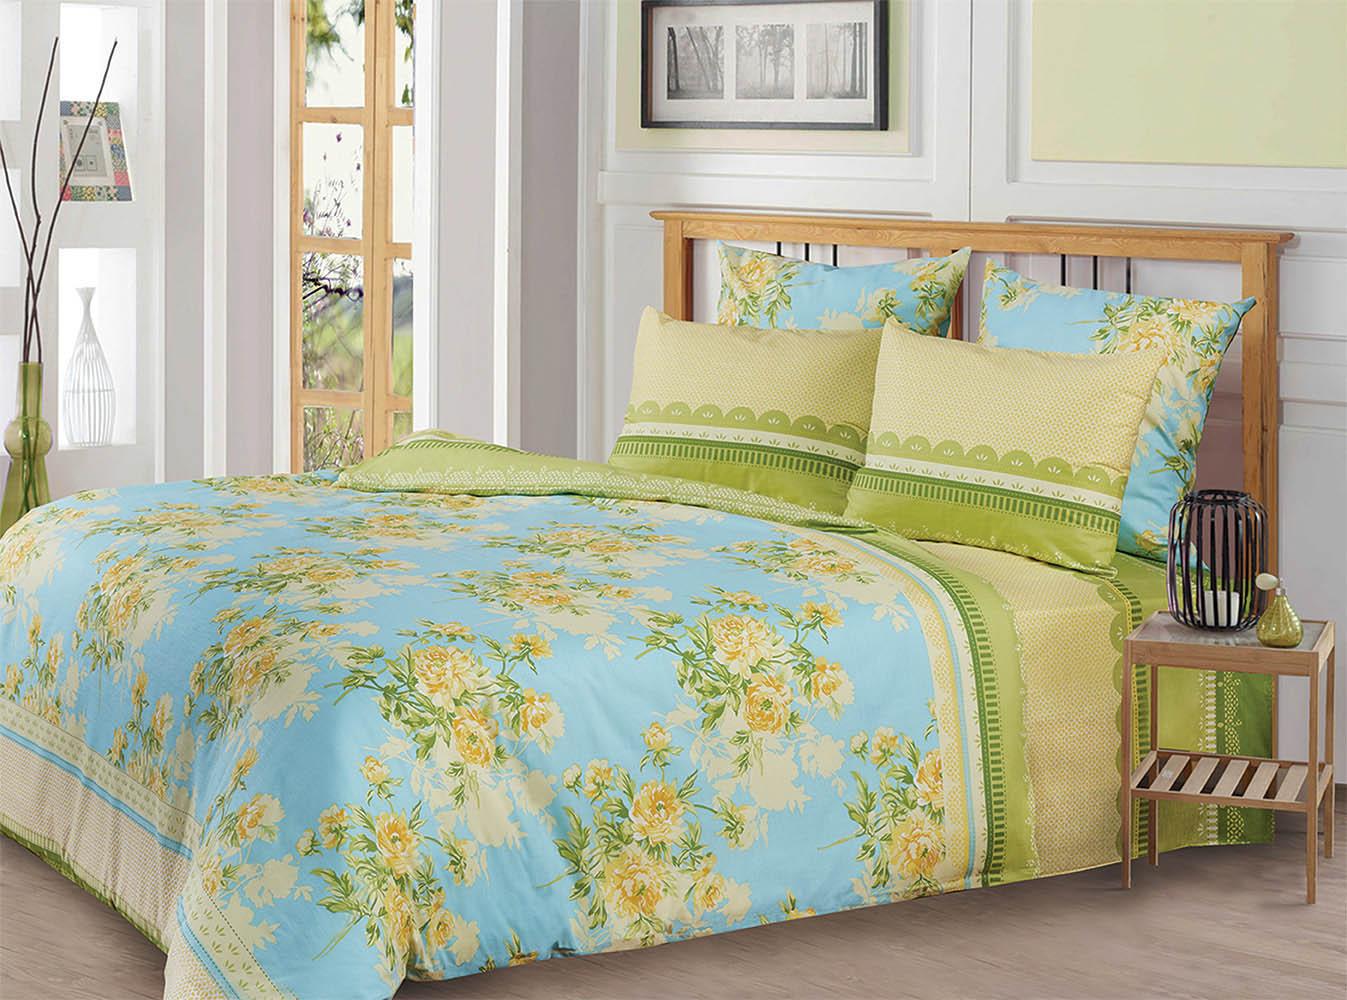 Комплекты постельного белья Primavelle Постельное белье Самтайм (семейное)